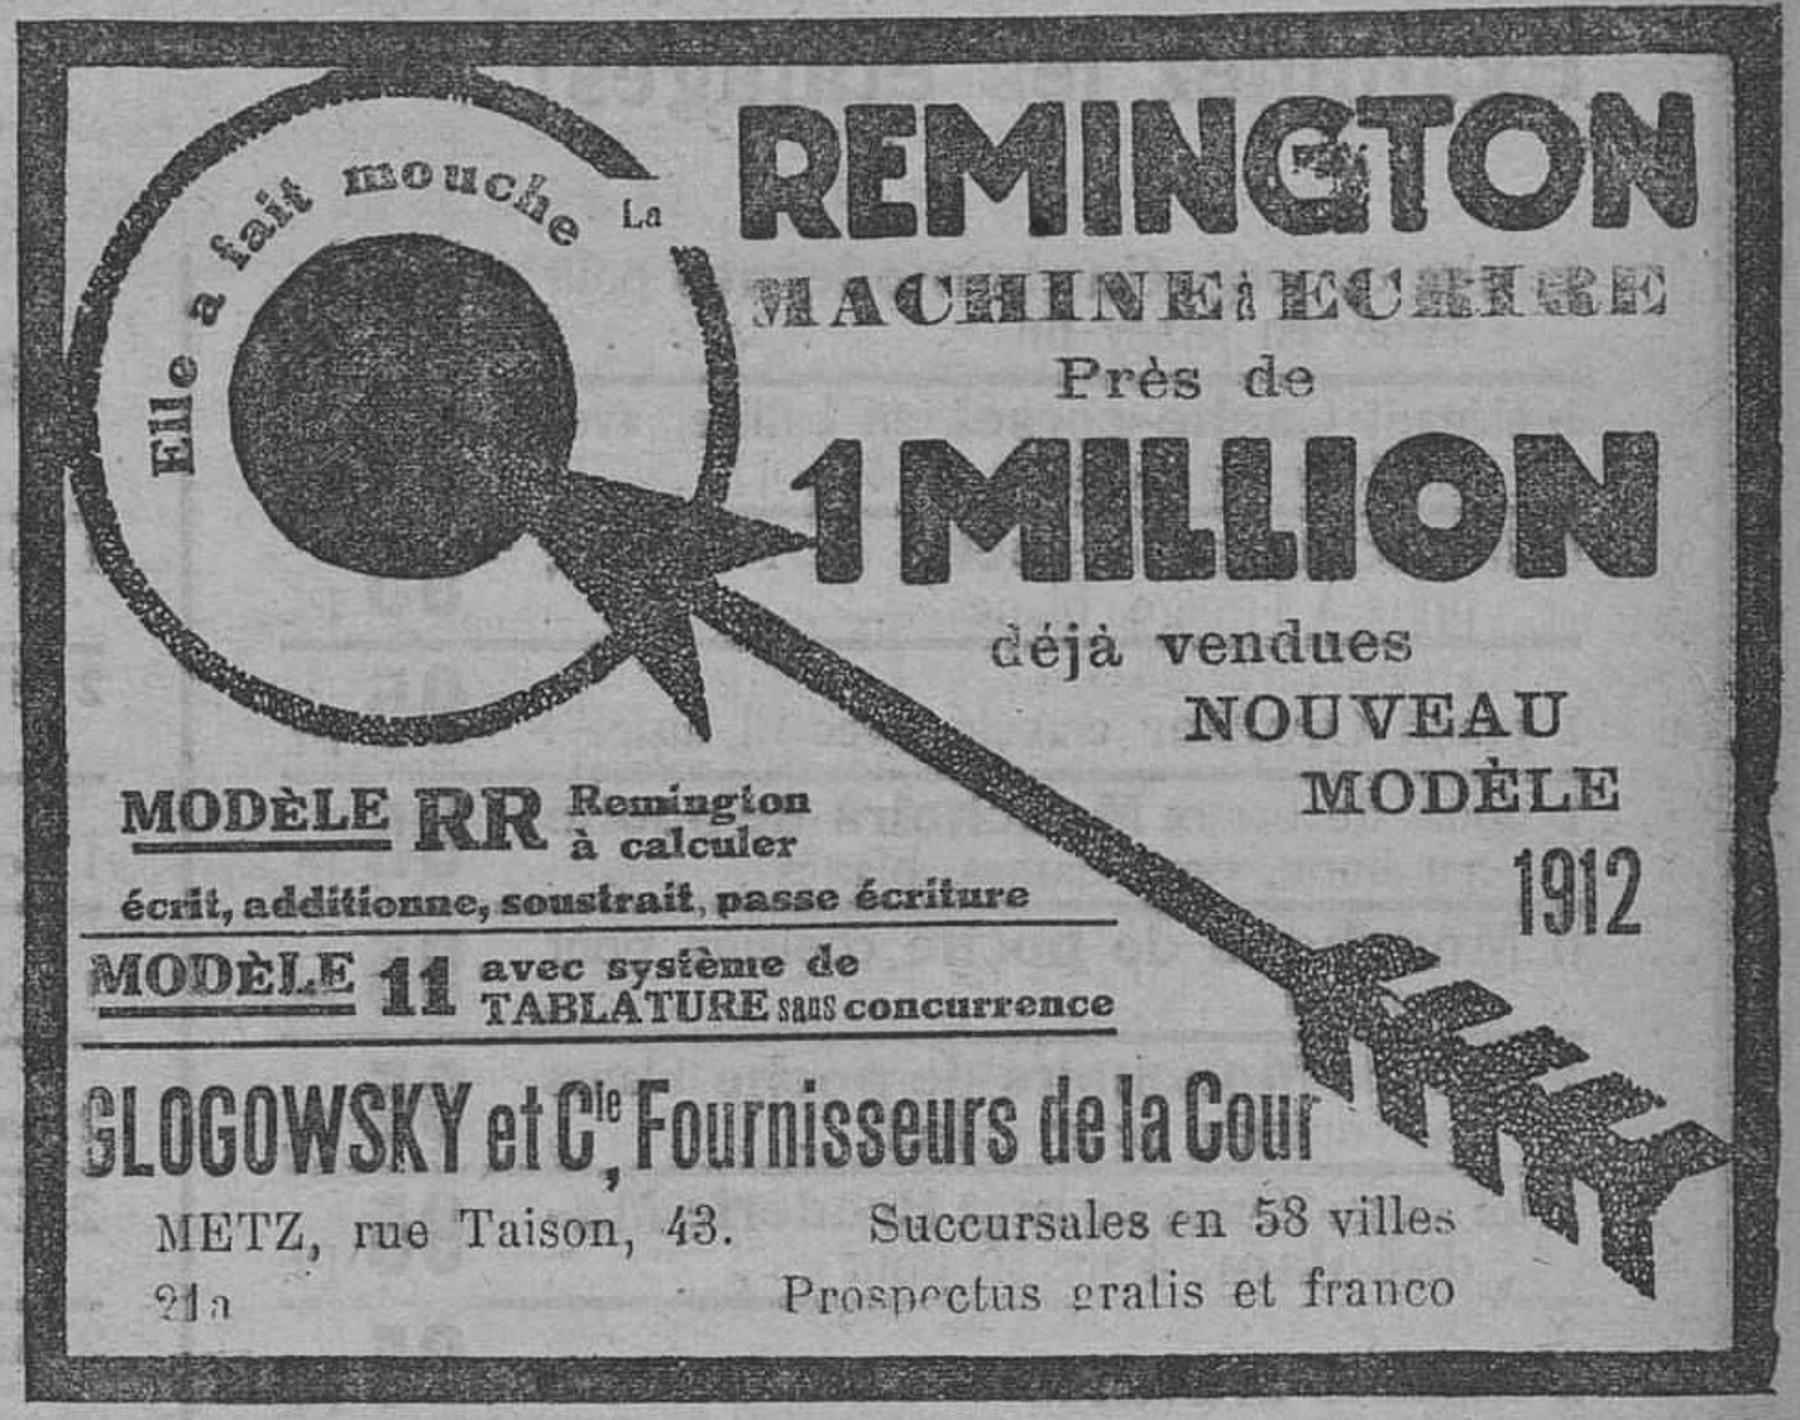 Contenu du La machine à écrire Remington